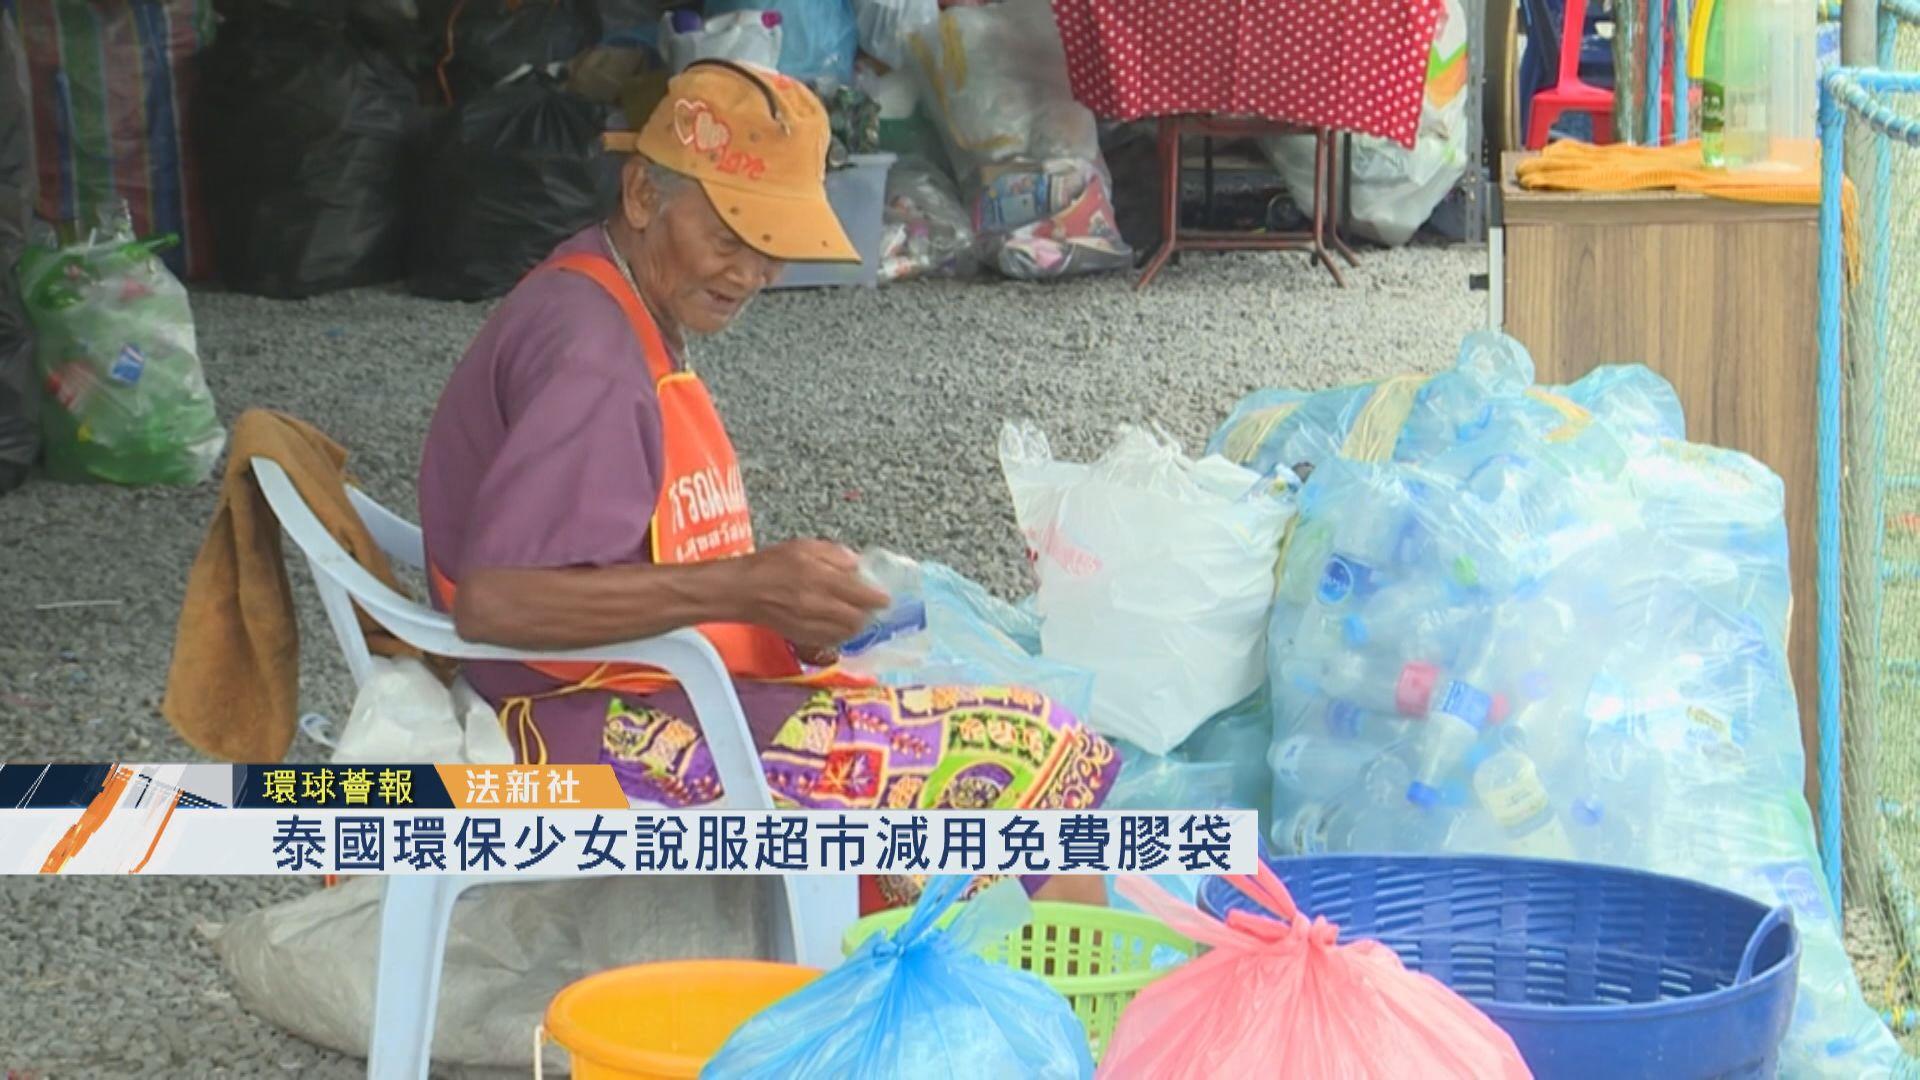 【環球薈報】泰國環保少女說服超市減用免費膠袋